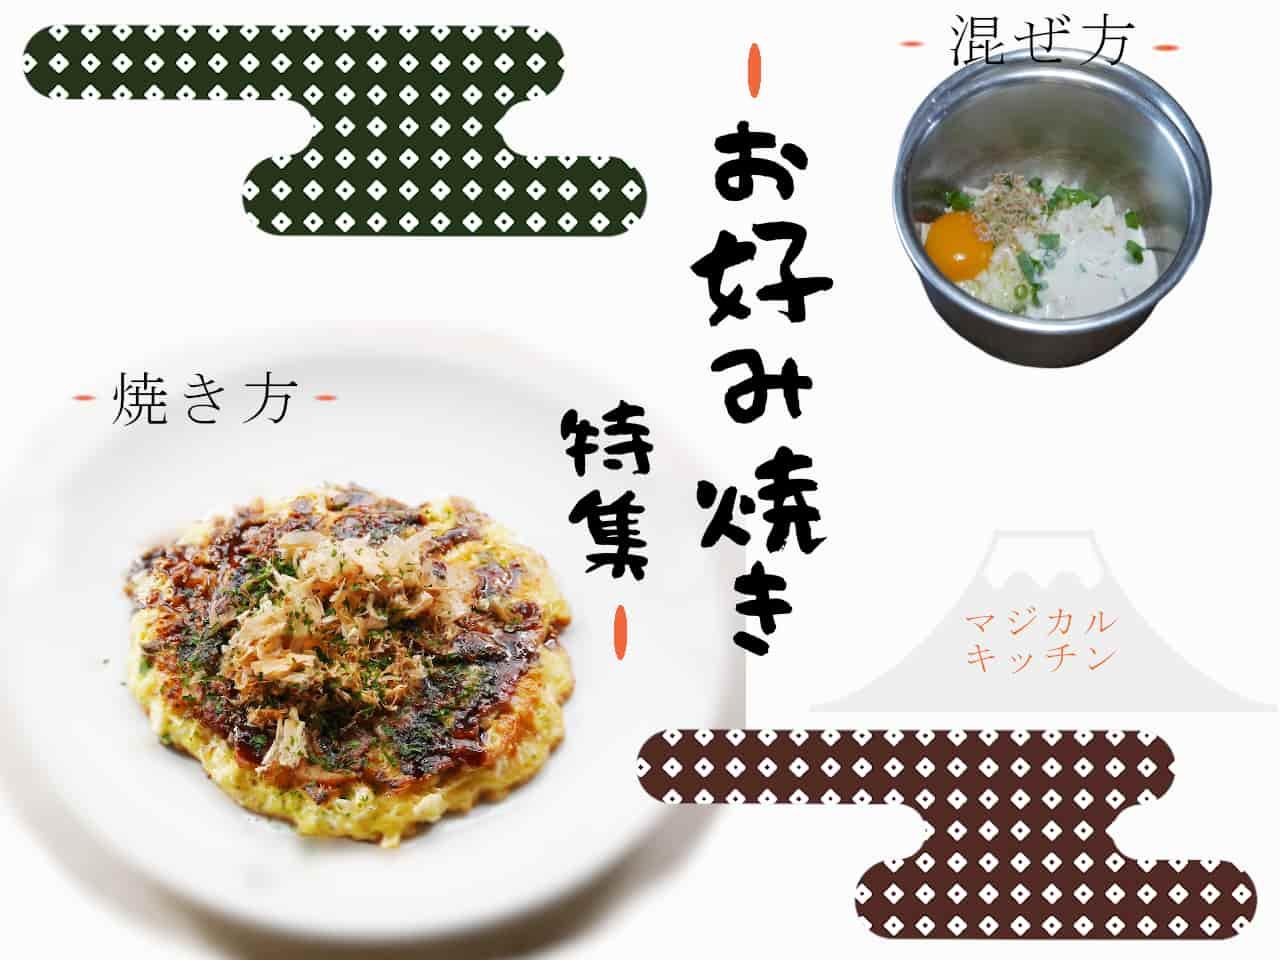 お好み焼き 生地 レシピ